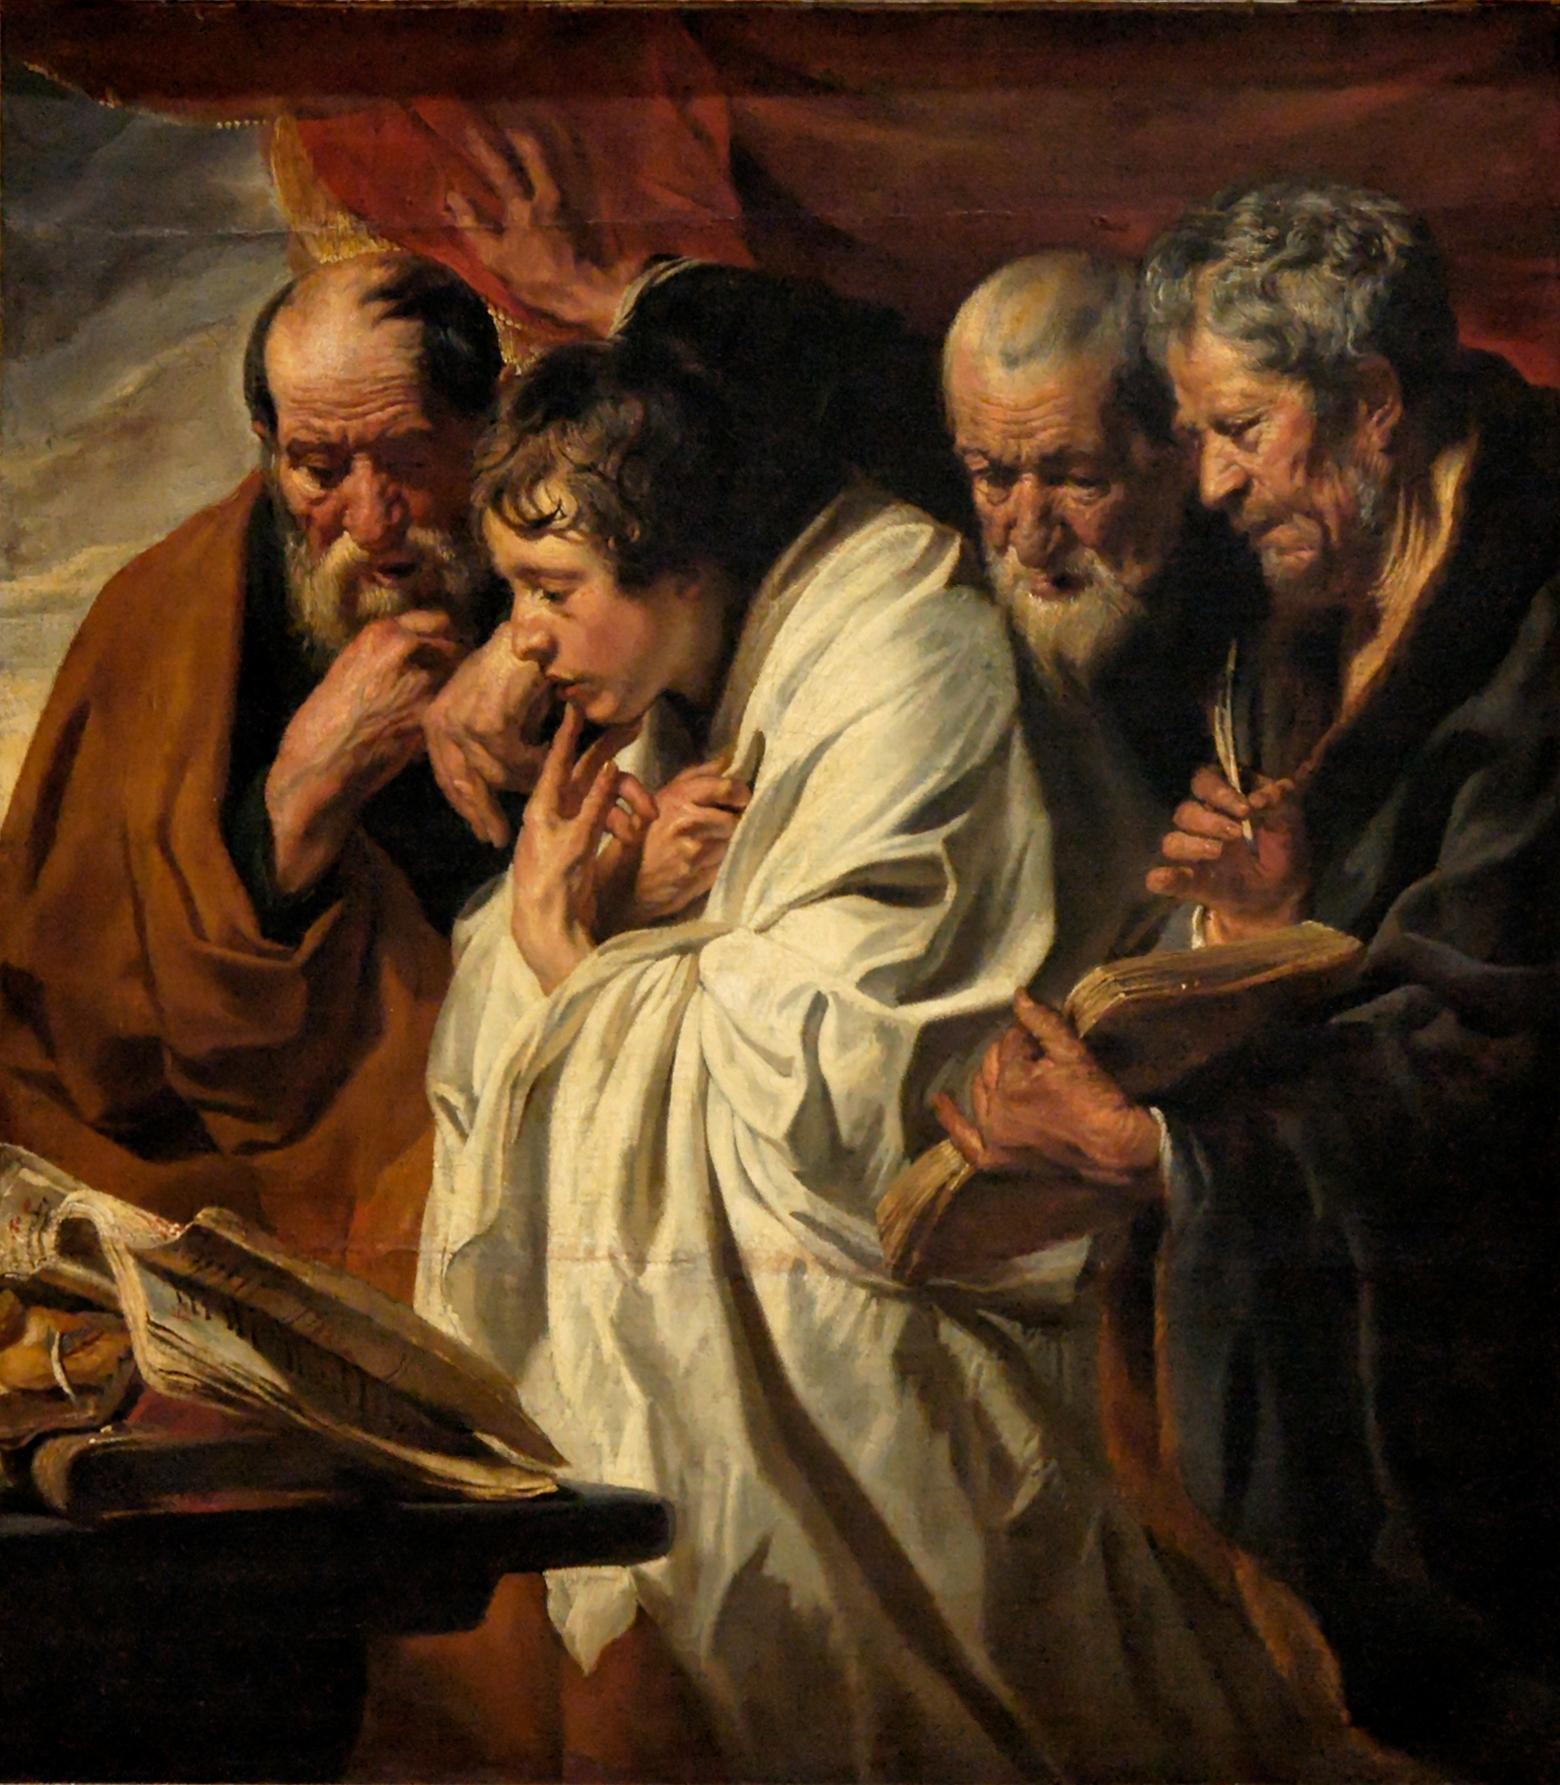 يسوع وشخصيات العهد الجديد في المصادر الخارجية